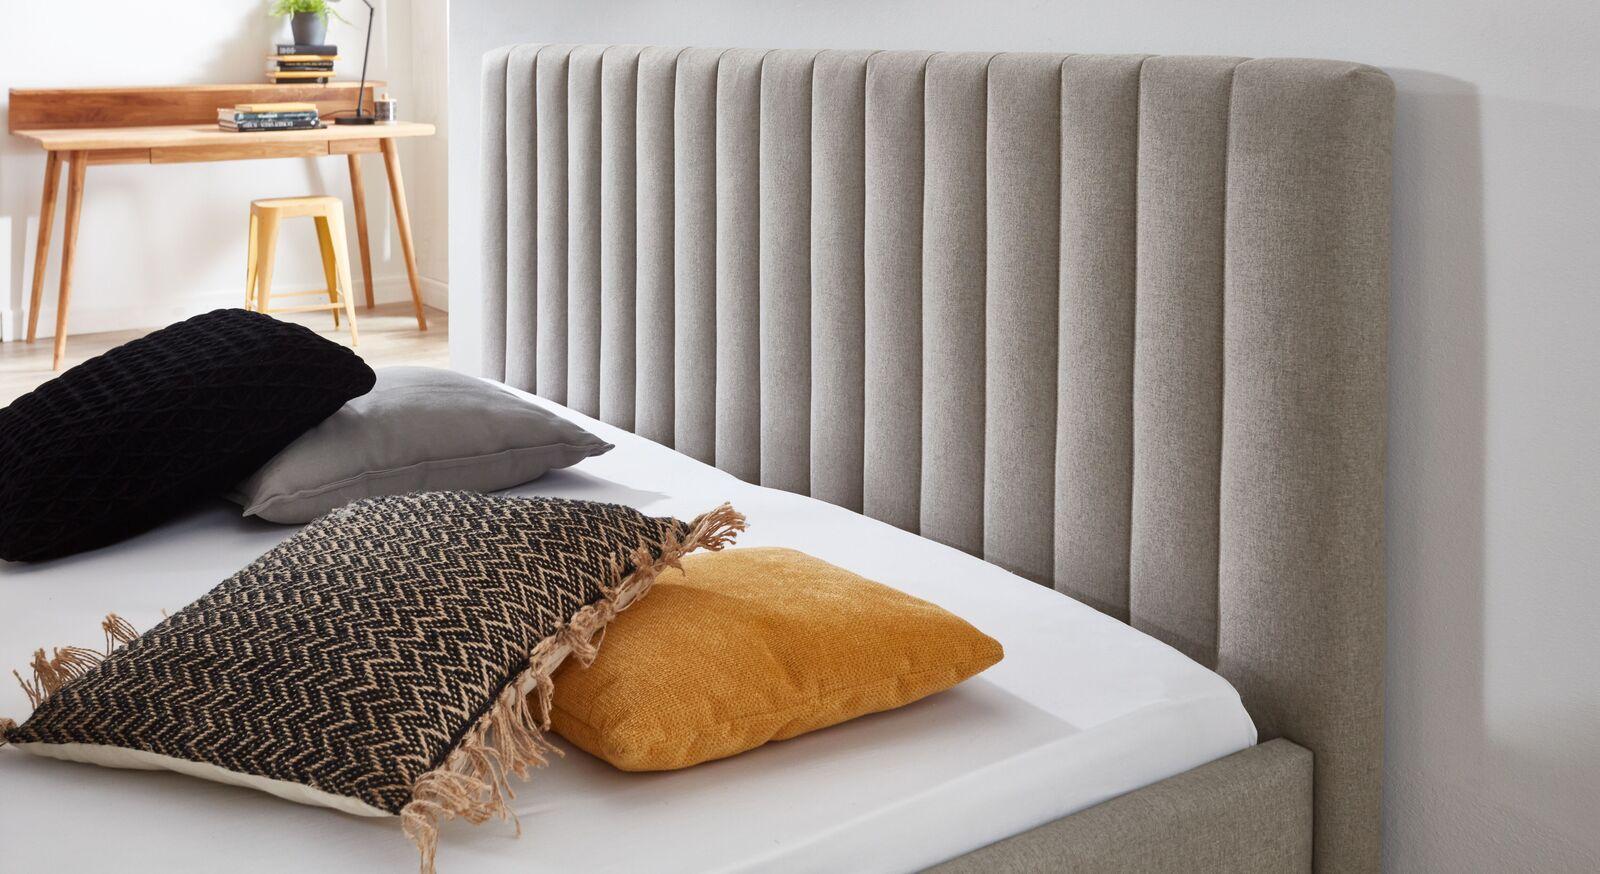 Bett Medana Kopfteil mit außergewöhnlichem Design